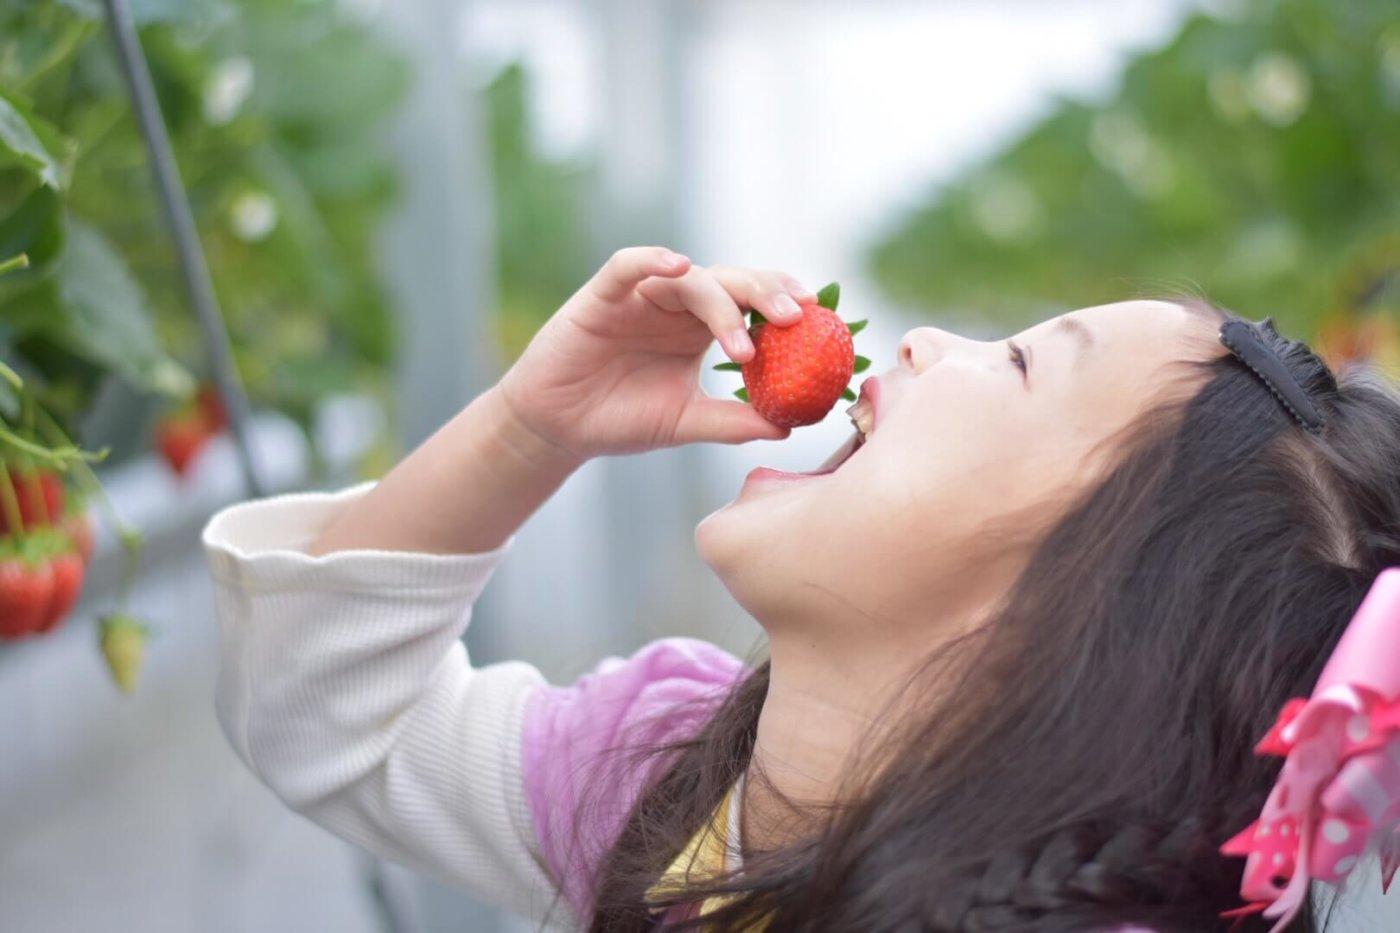 福岡のおすすめイチゴ狩りスッポト6選